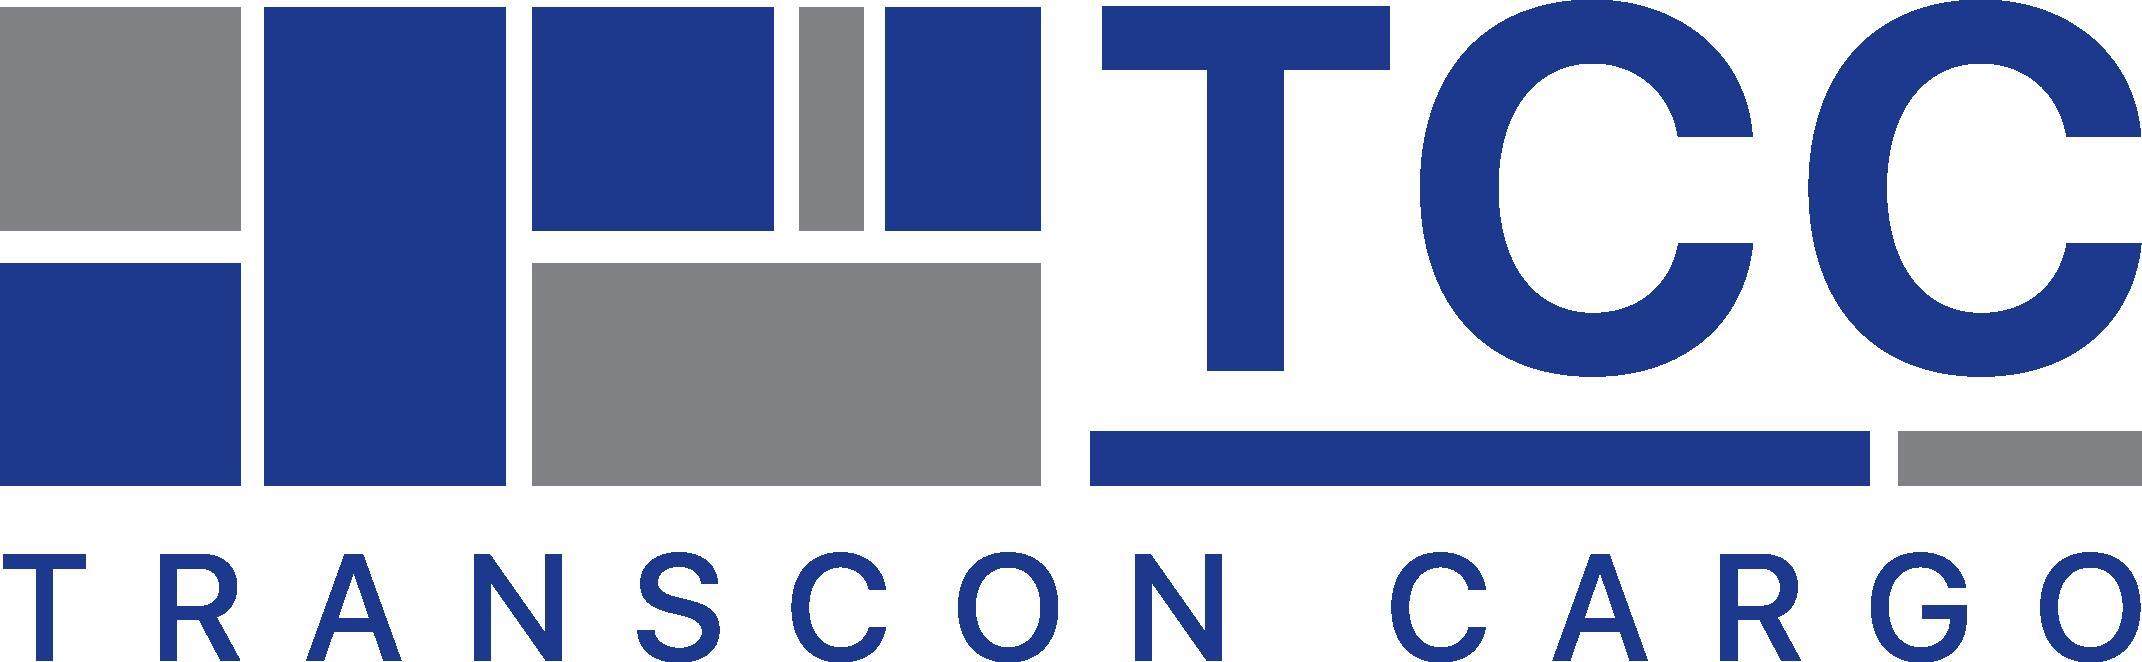 TransCon Cargo